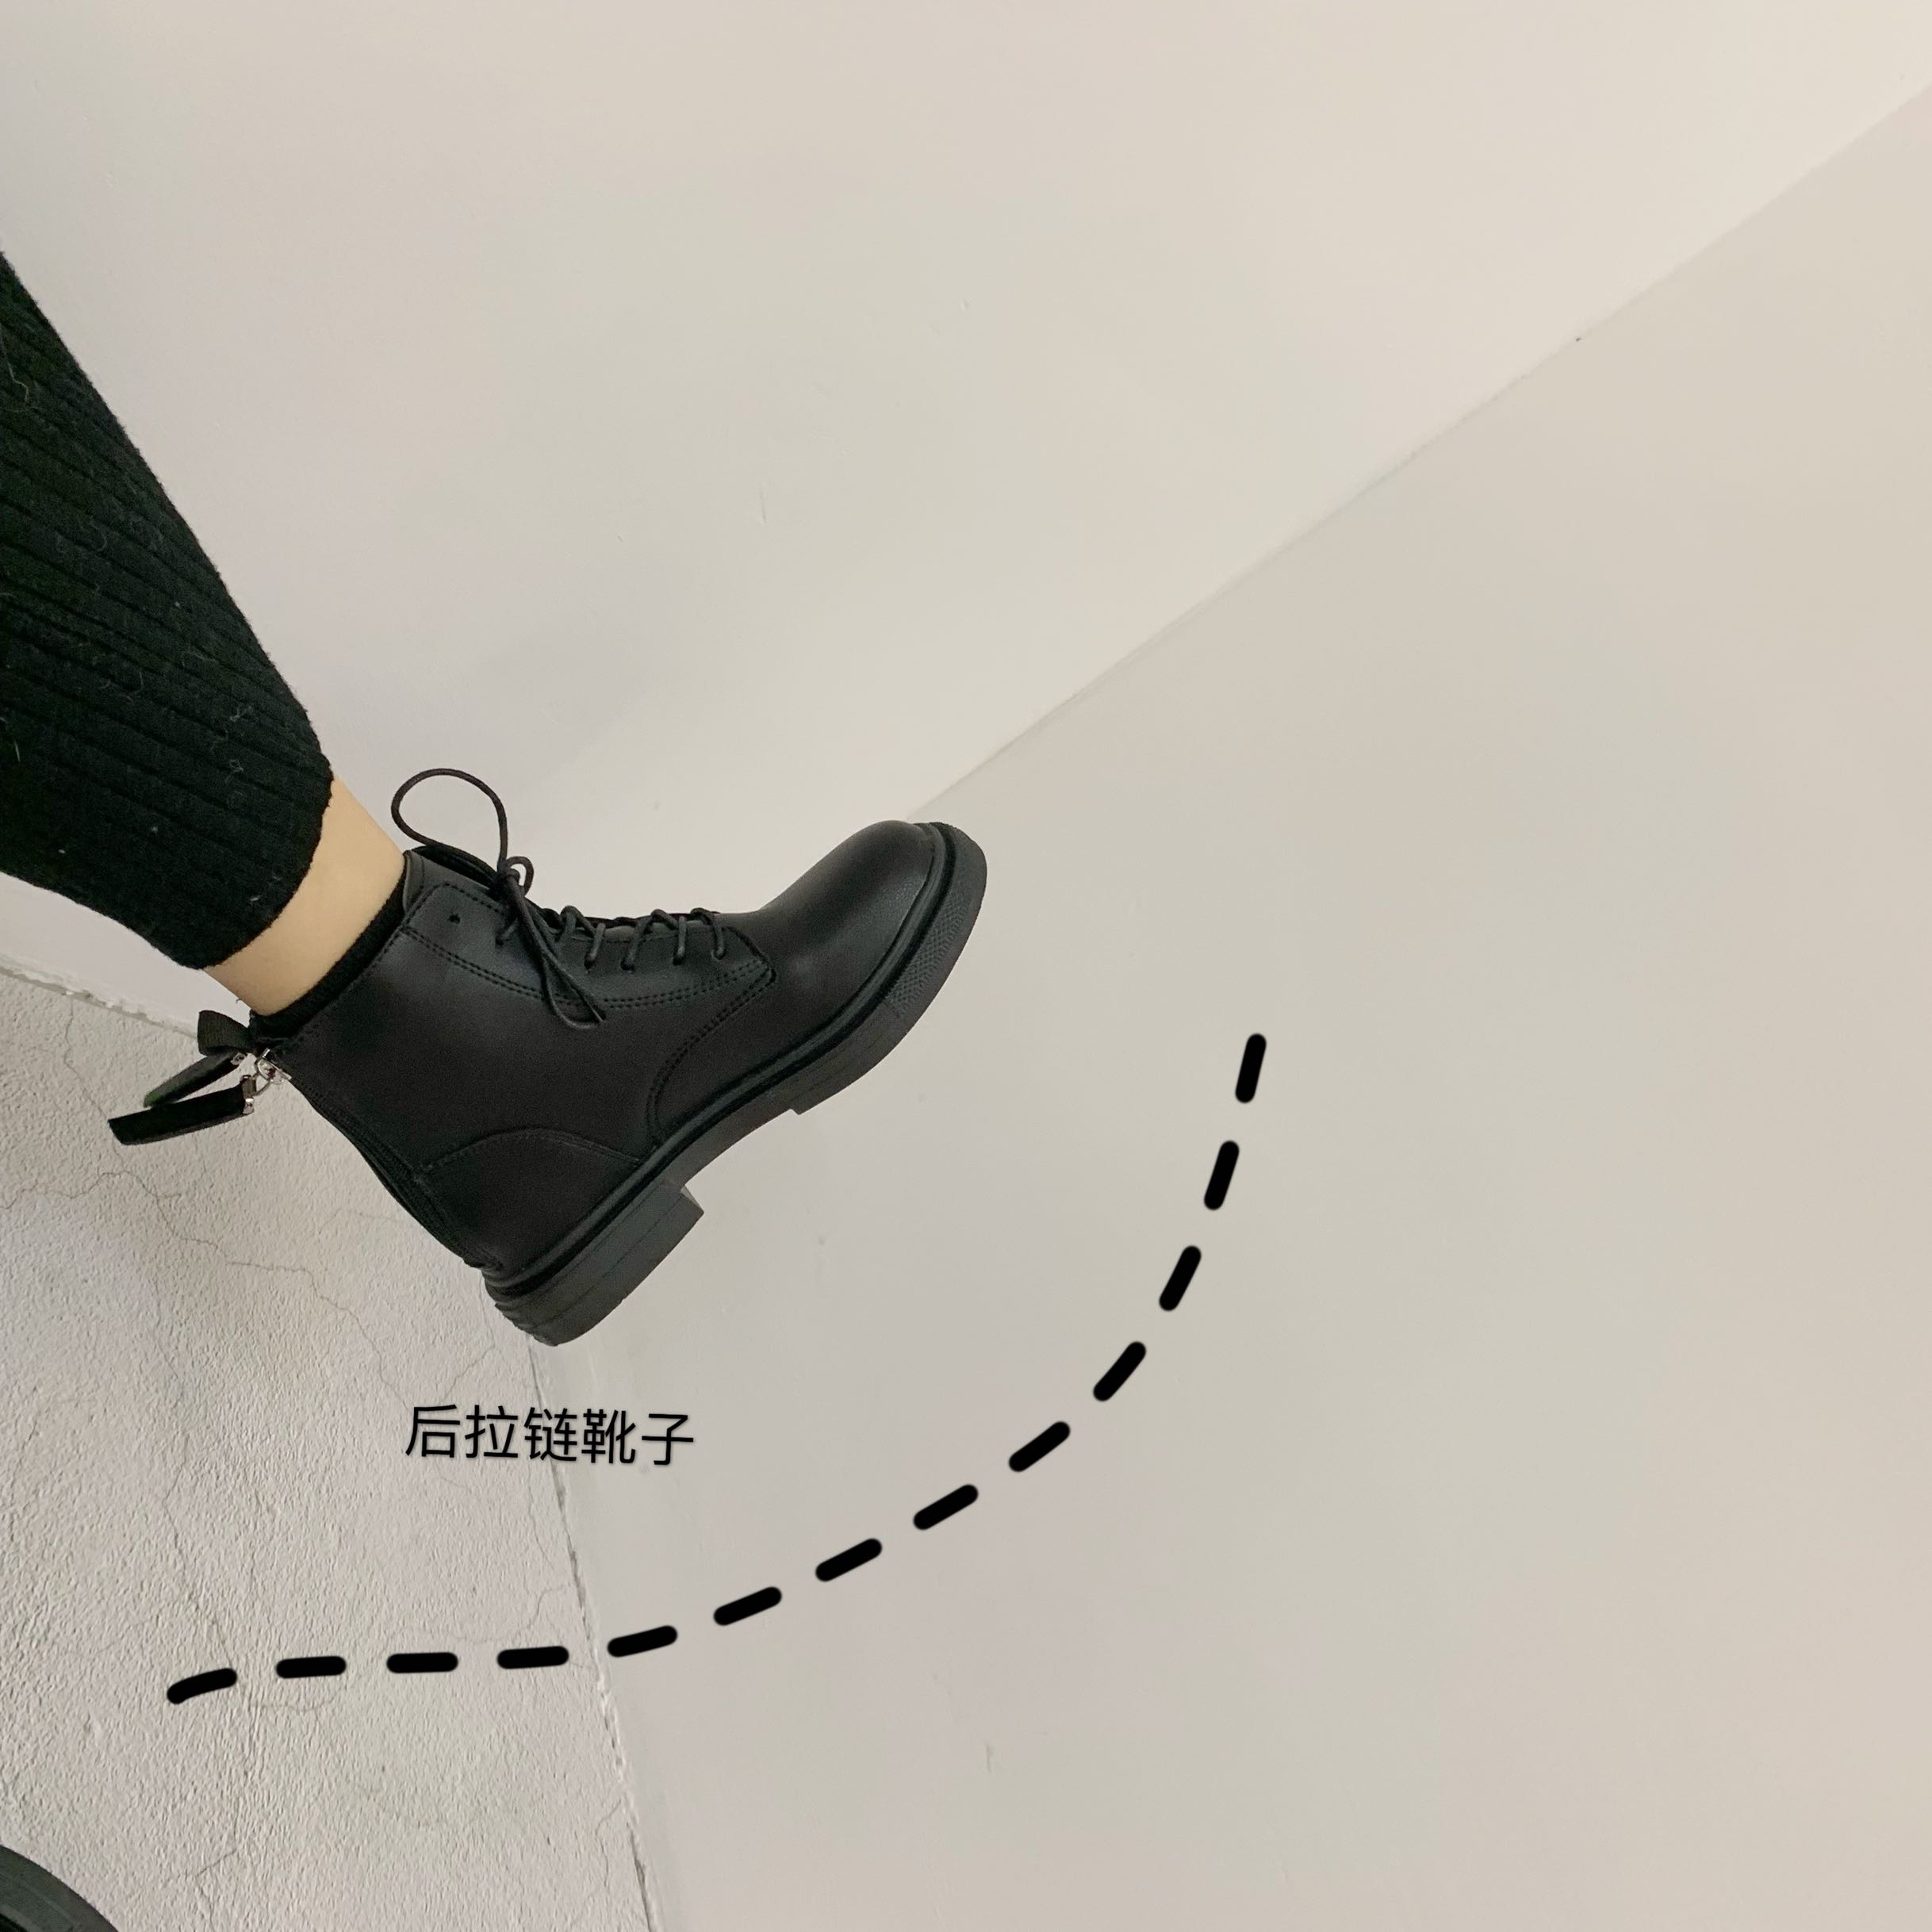 鞋子女短靴2019潮鞋冬季款加绒双拉链马丁靴英伦风韩版百搭机车靴-Nikki-